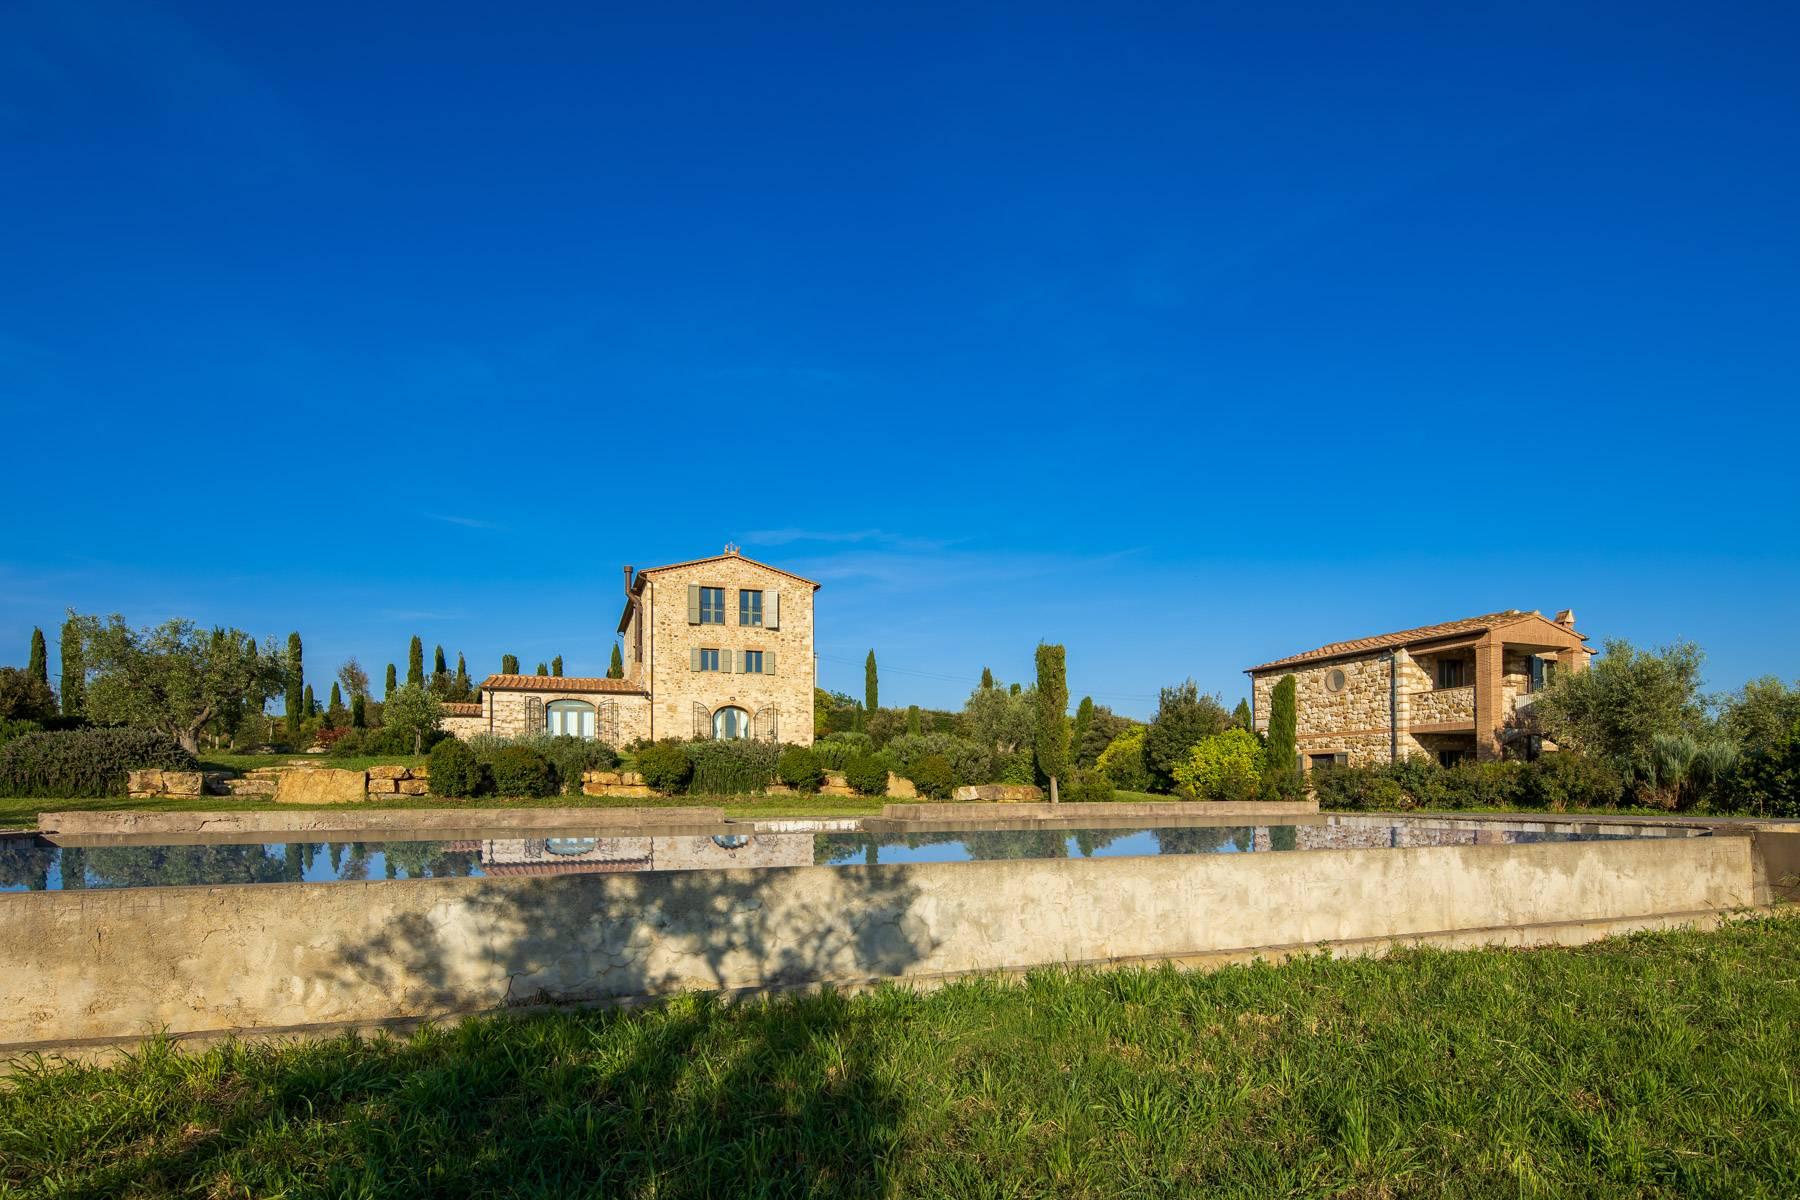 Rustico in Vendita a Magliano In Toscana: 5 locali, 1044 mq - Foto 4